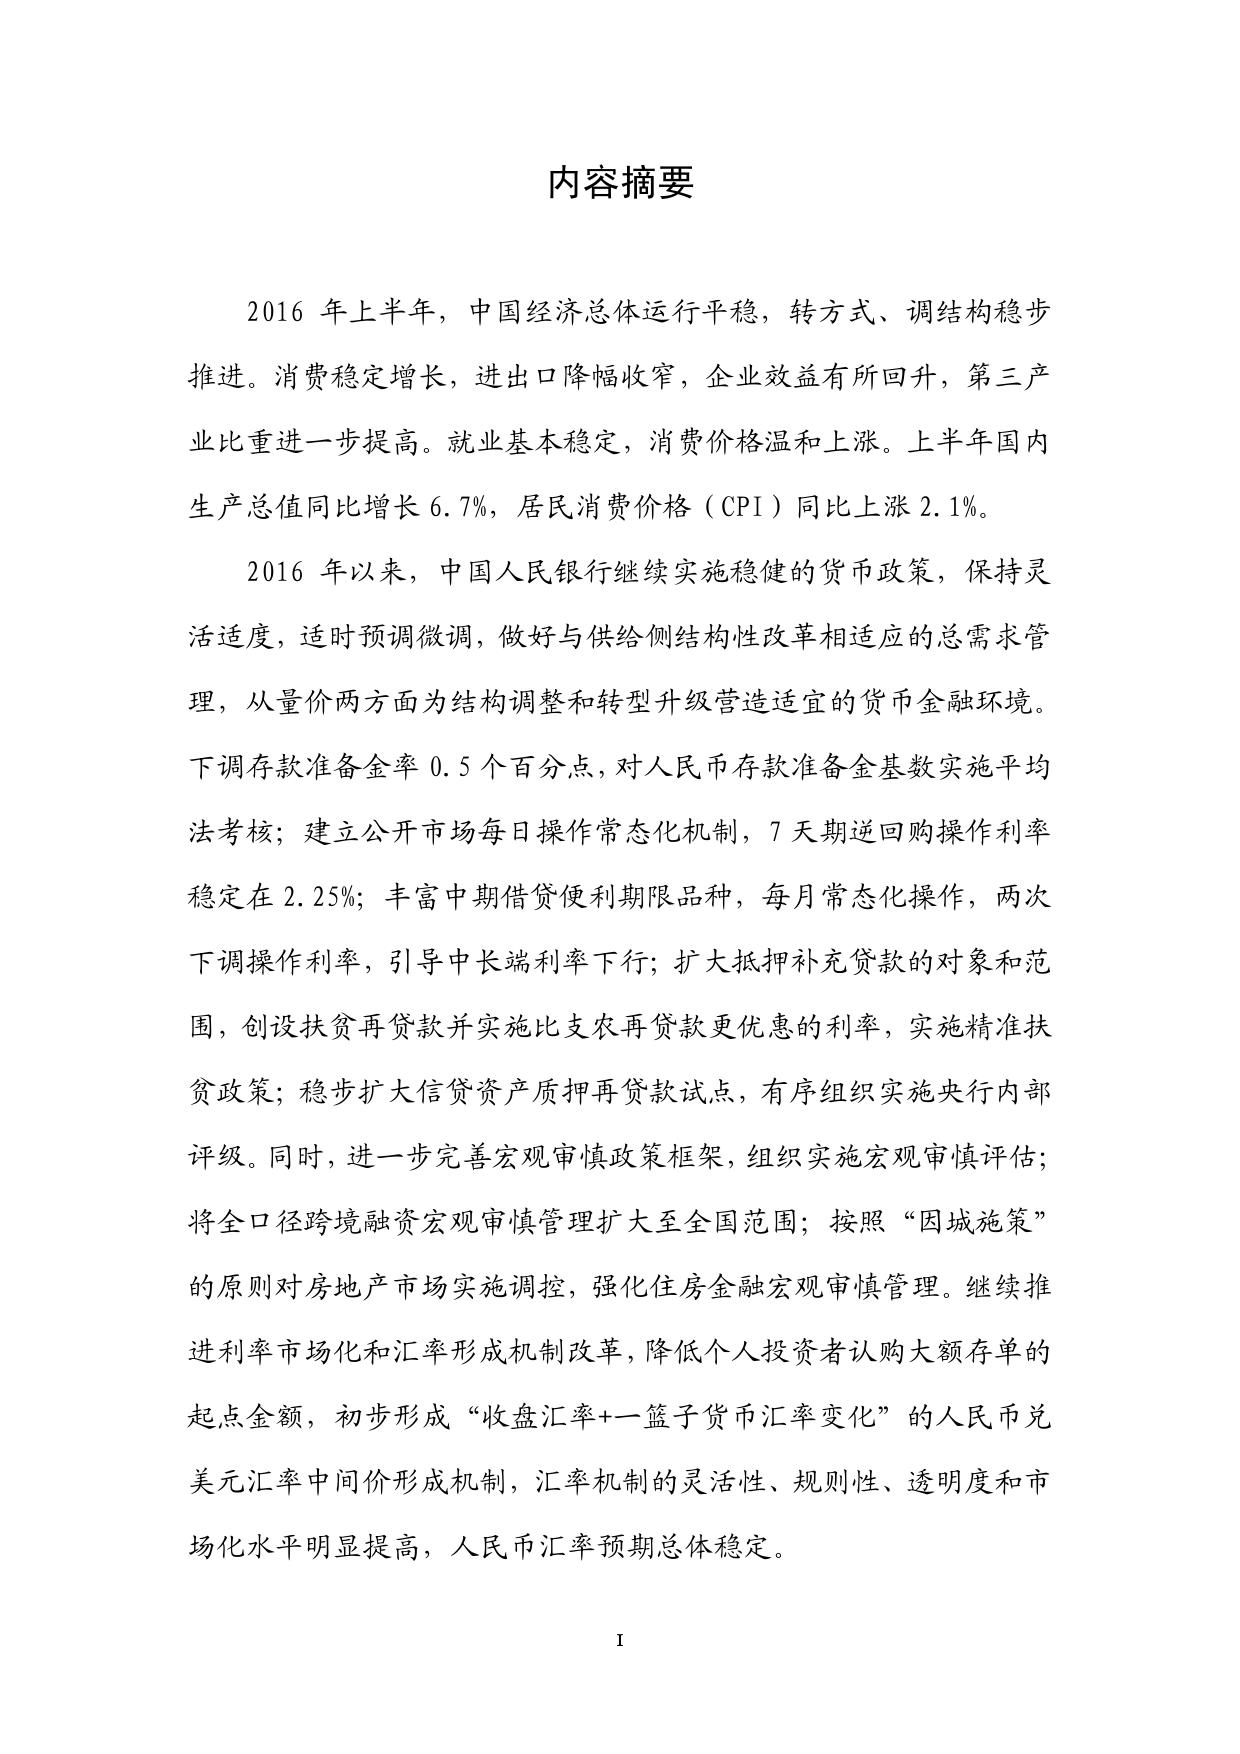 2016年Q2中国货币政策执行报告_000002